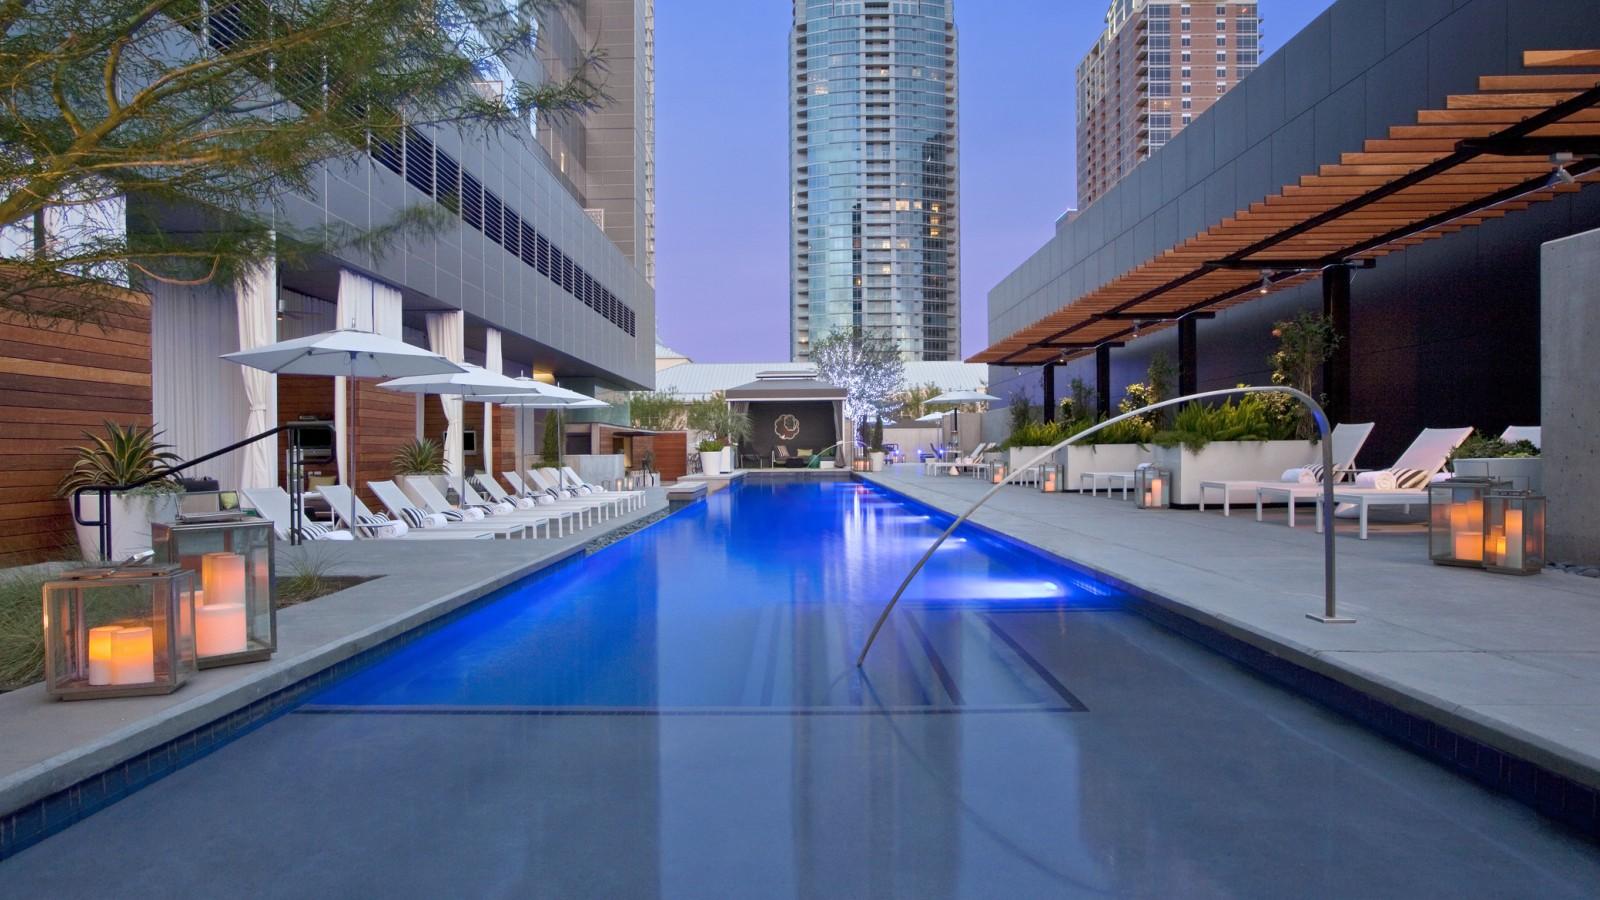 Photo courtesy of W Hotels